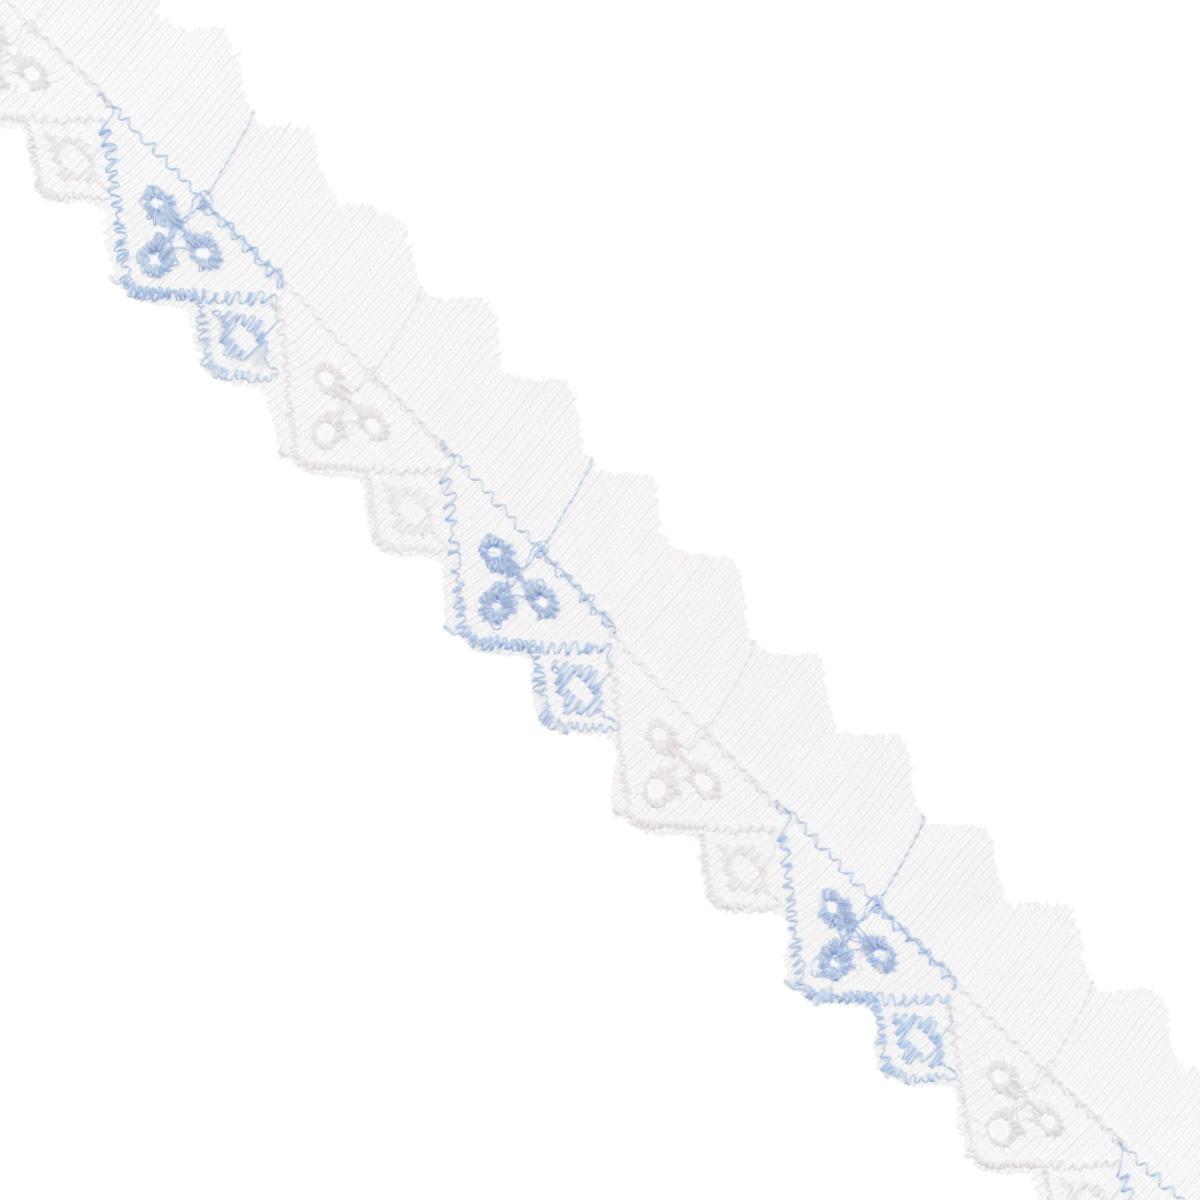 Тесьма отделочная Астра, цвет: голубой, ширина 3 см, длина 9 м. 77043777704377Отделочная тесьма Астра, изготовленная из хлопка, предназначена для декорирования. Такая тесьма может создает эффект ручной работы на предмете одежды, что придаст ей неповторимость, сэкономив при этом ваше время на создание изделия. Также она идеально подойдет для оформления различных творческих работ таких, как скрапбукинг, аппликация, декор коробок и открыток и многое другое. Тесьма наивысшего качества практична в использовании. Она станет незаменимым элементом в создании рукотворного шедевра. Ширина: 3 см. Длина: 9 м.